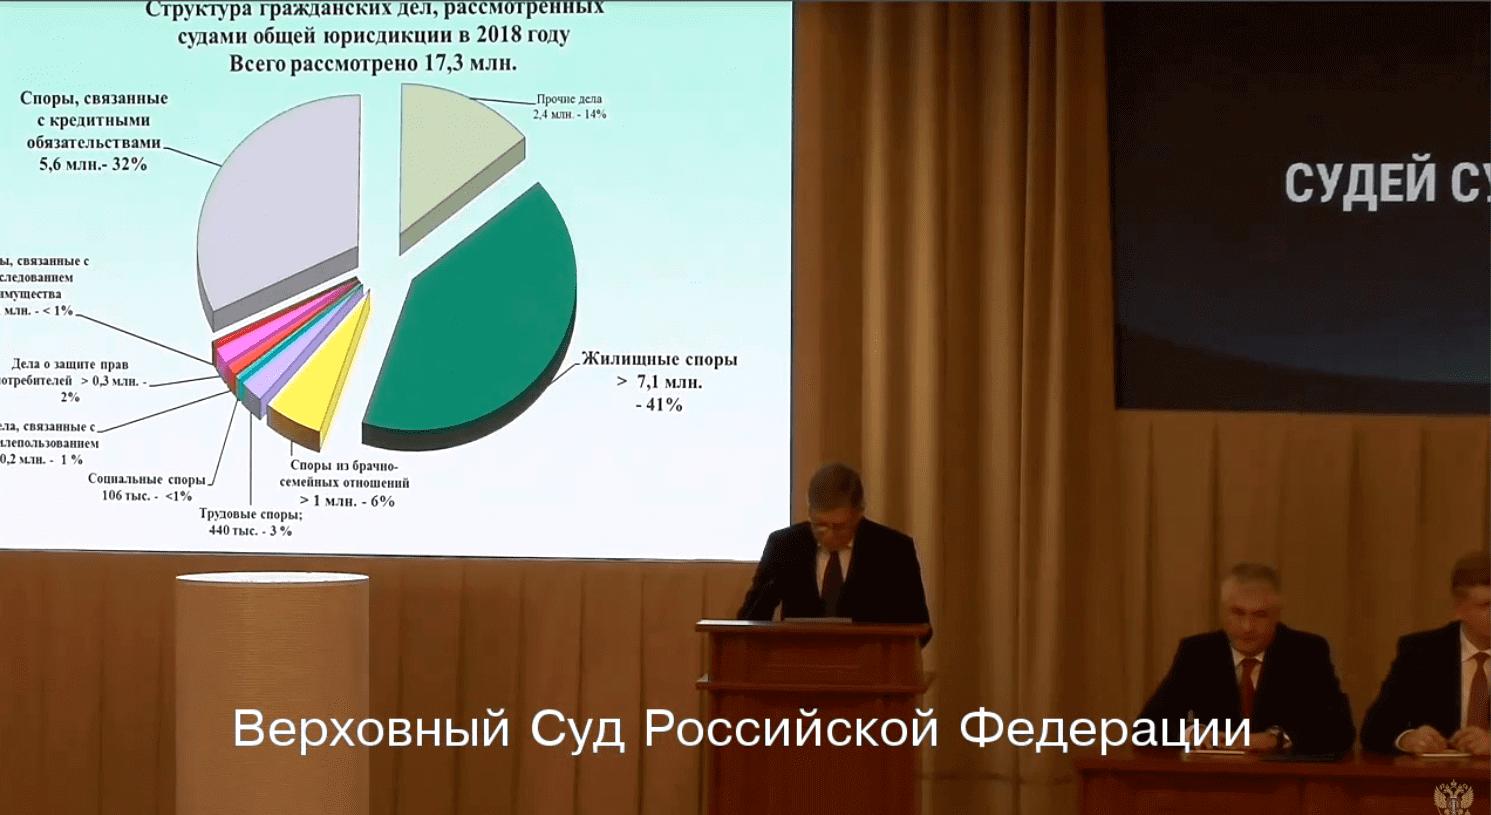 Верховный суд РФ подвел итоги работы российской судебной системы за 2018 год